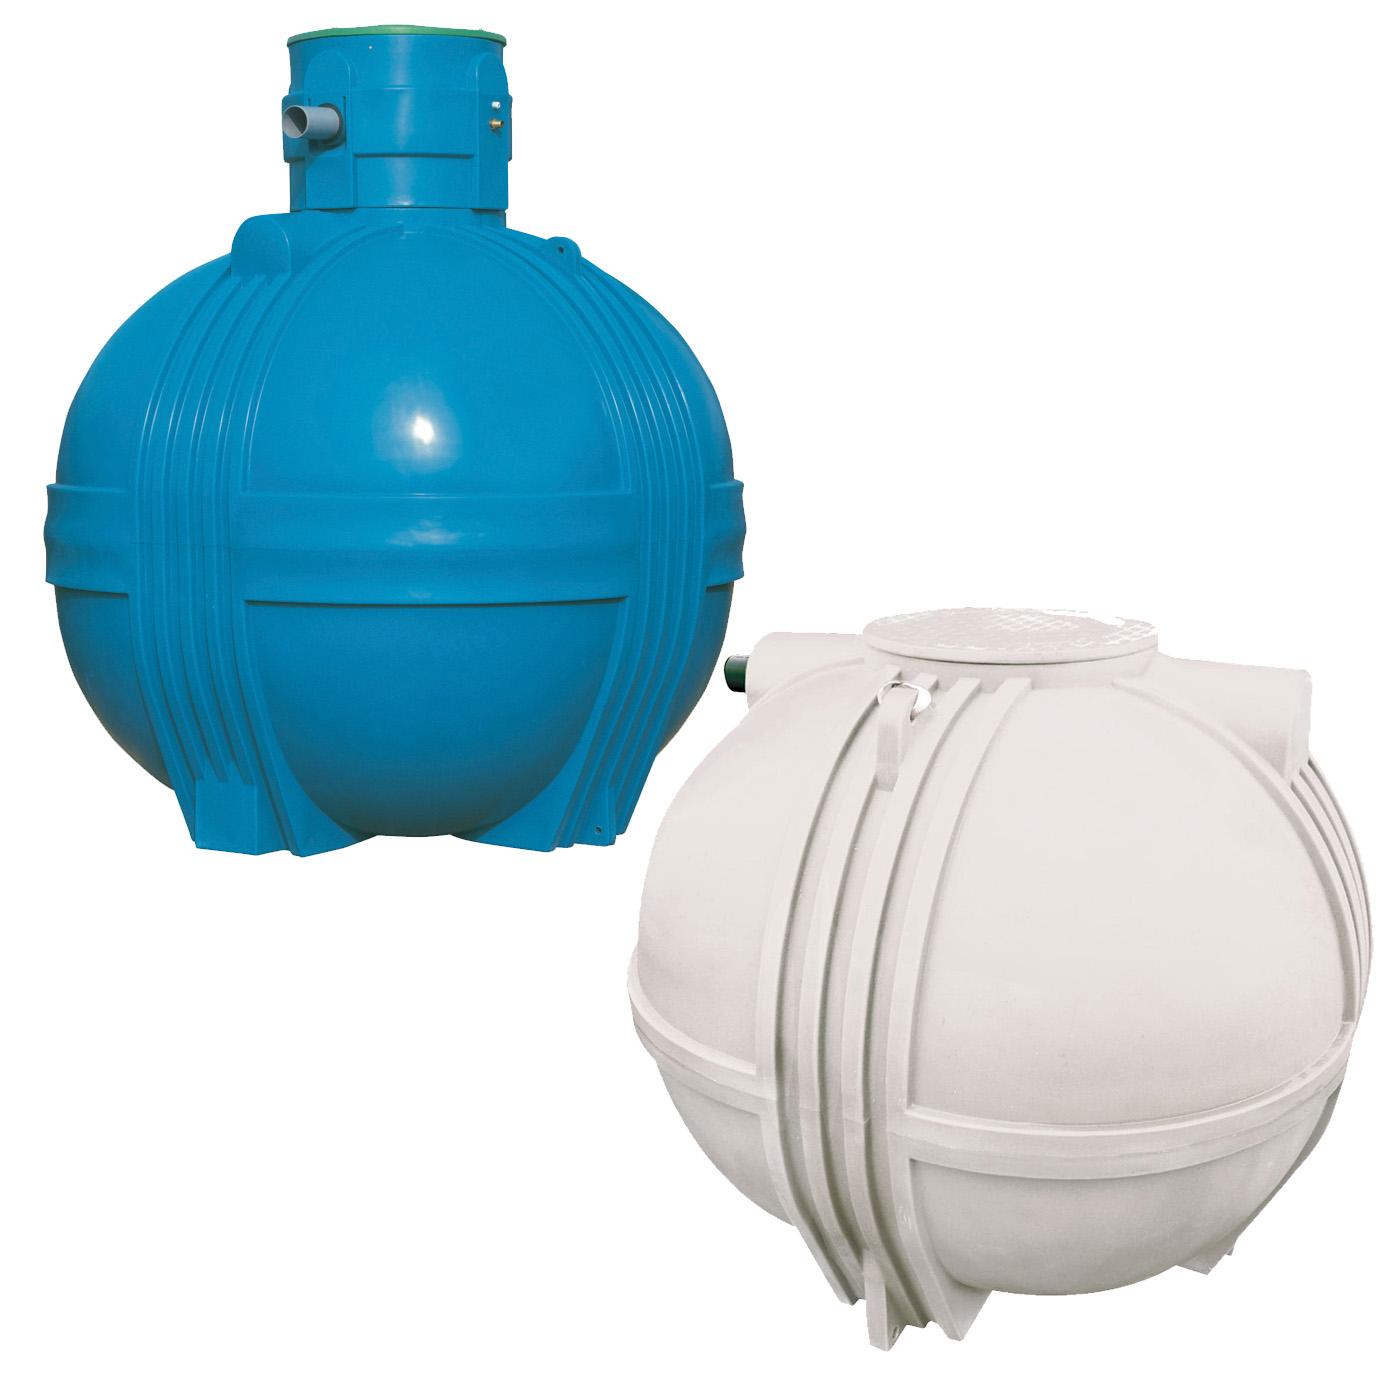 Réservoir cuve à eau à enterrer JETLY type GLOBUS